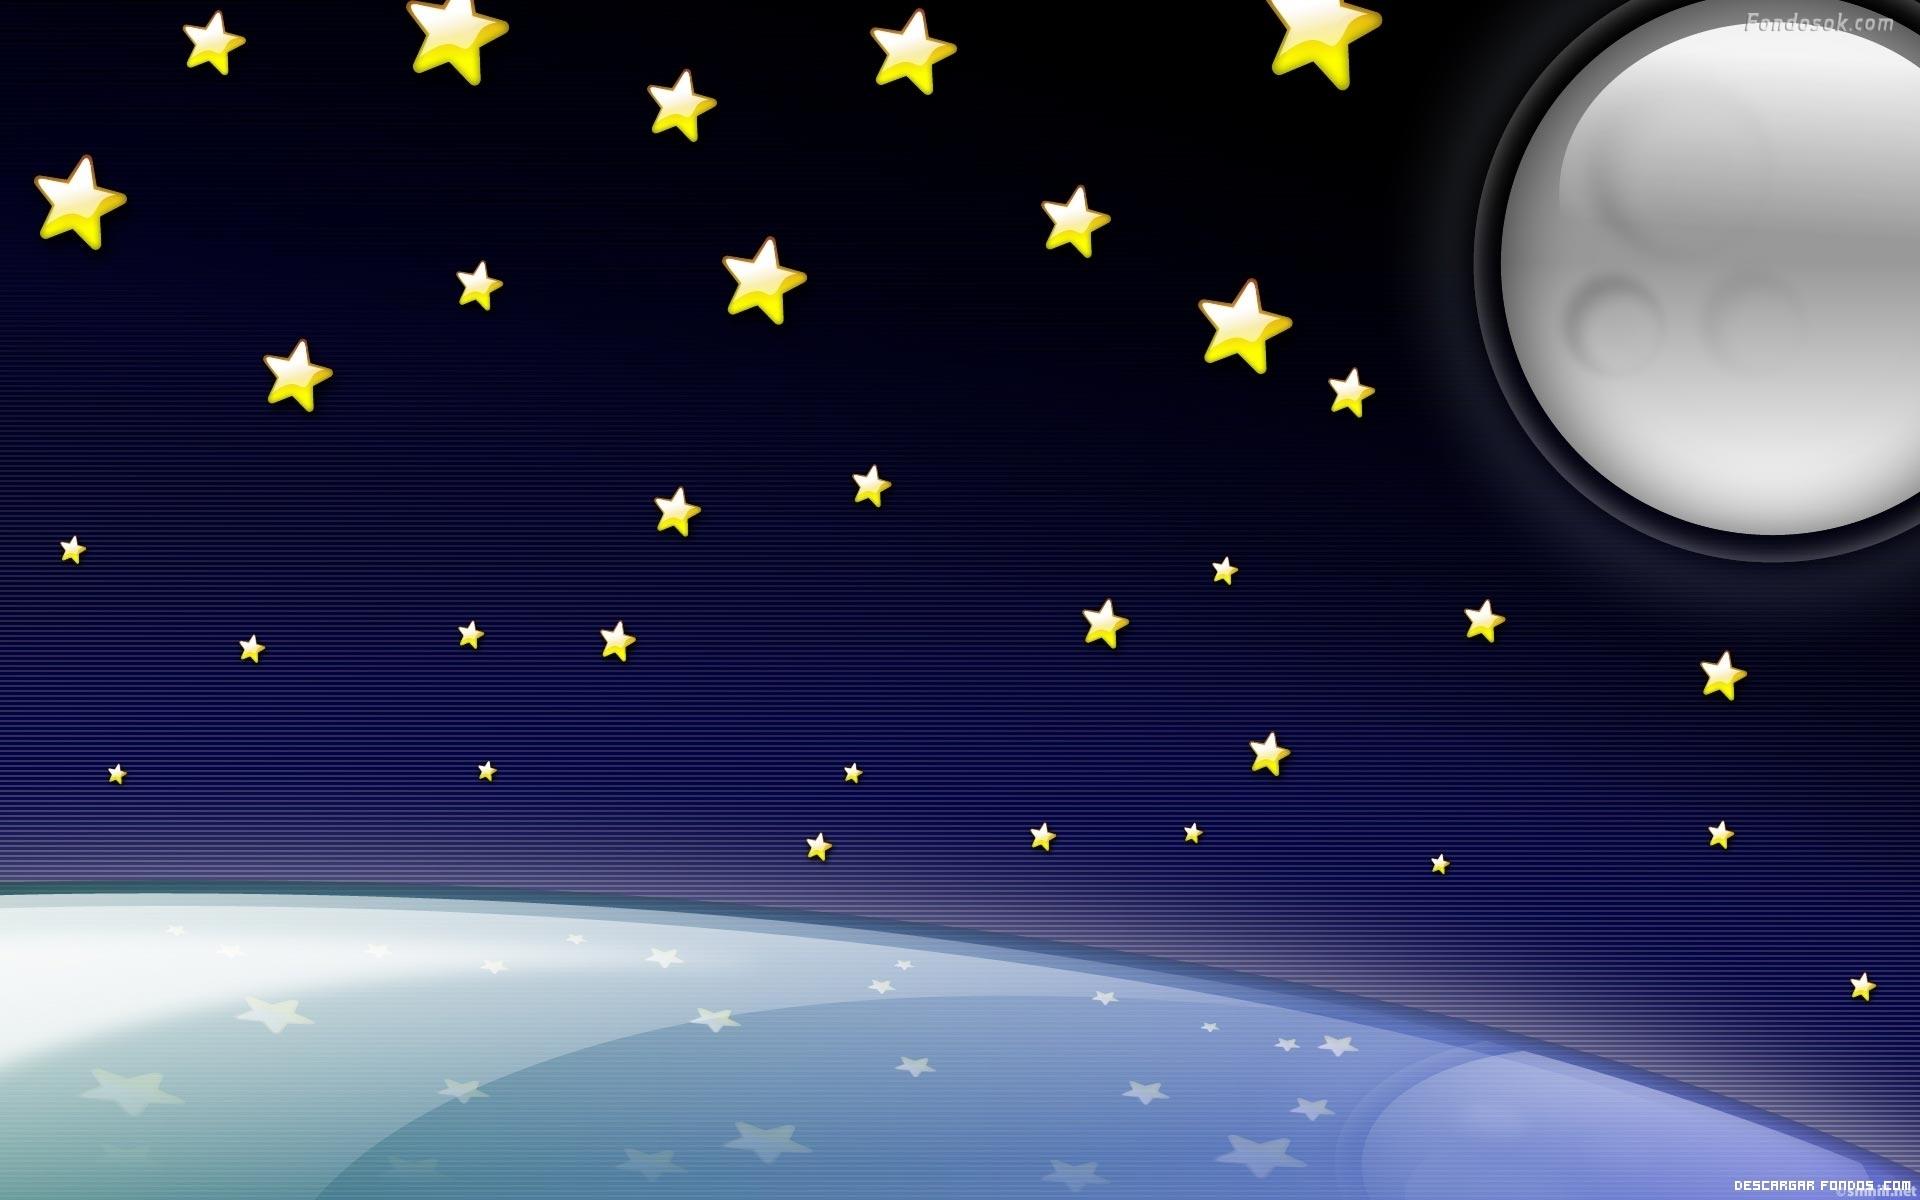 Un cielo estrellado